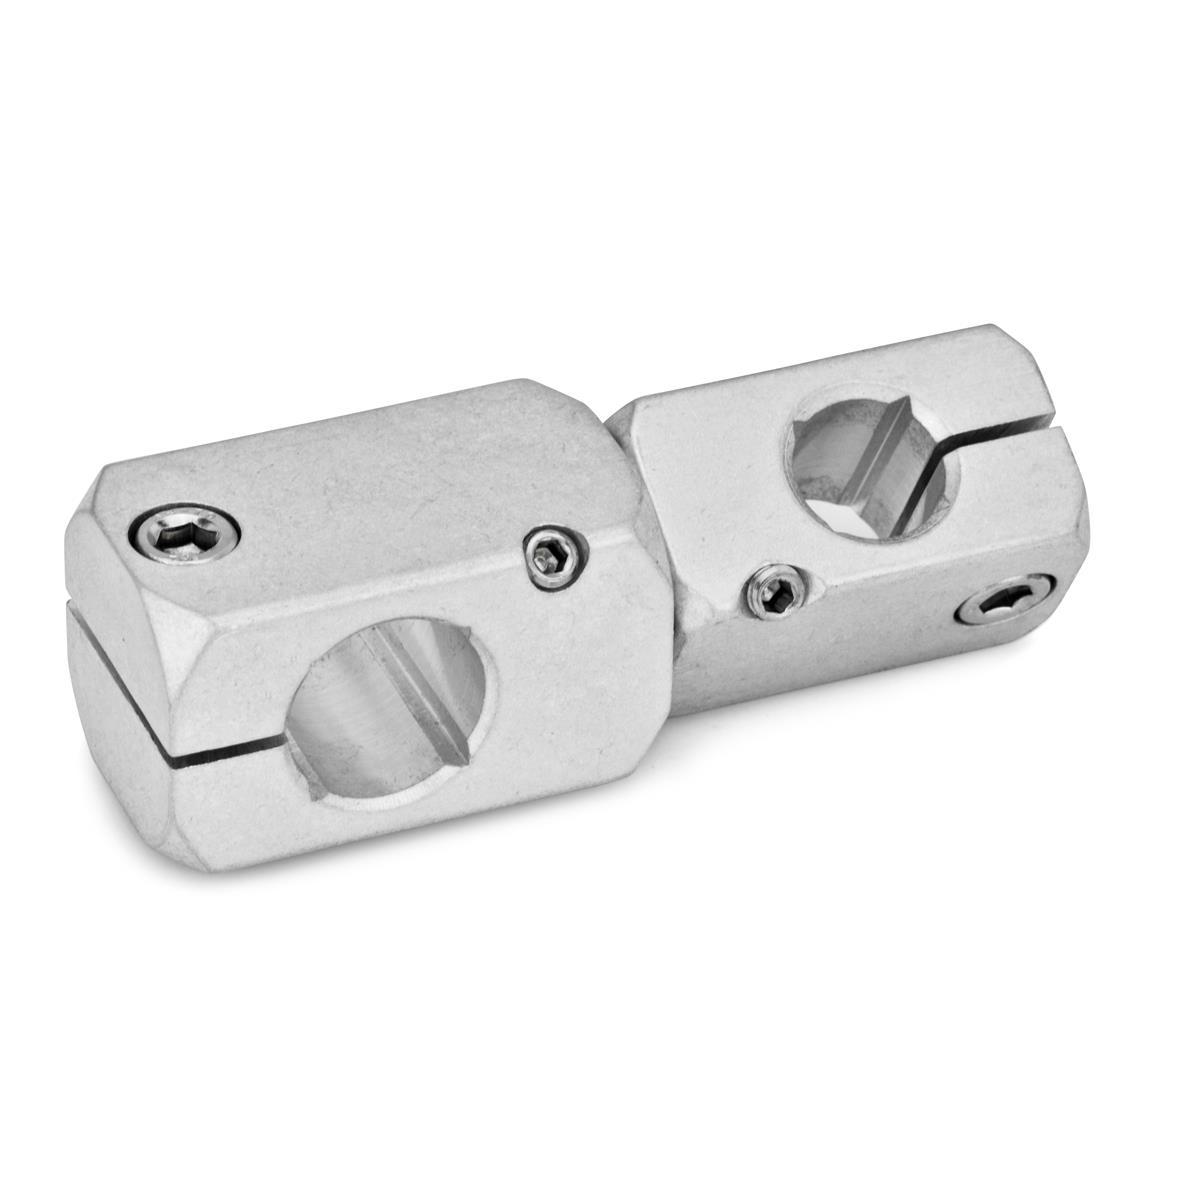 GN 475 Noix de serrage orthogonales articulées, aluminium Finition: MT - mate, rectifiée